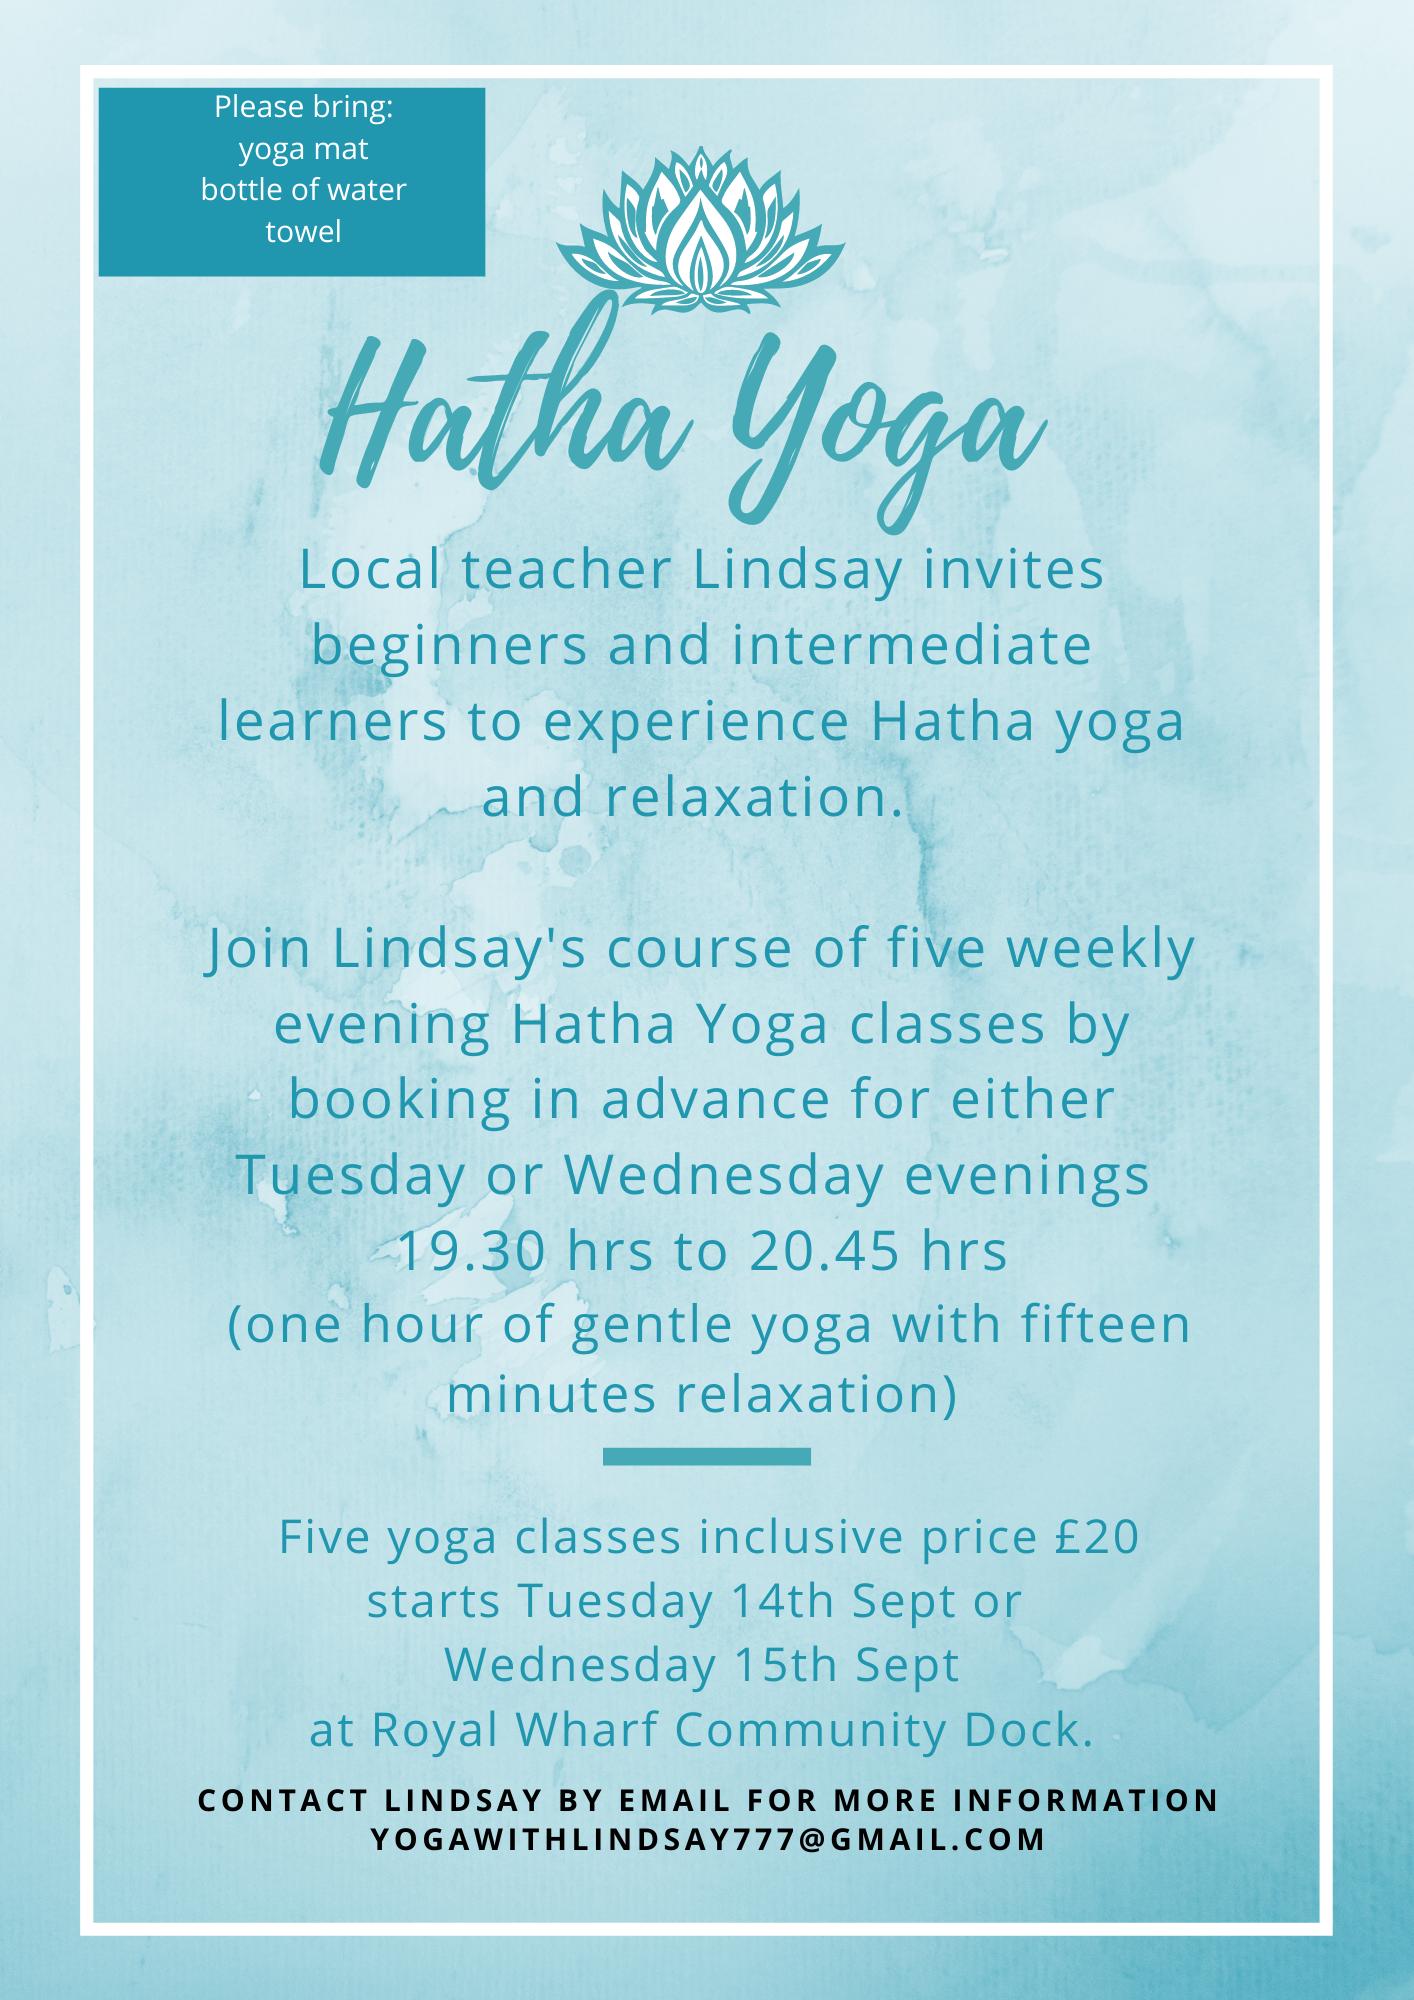 Yoga with Lindsay flyer